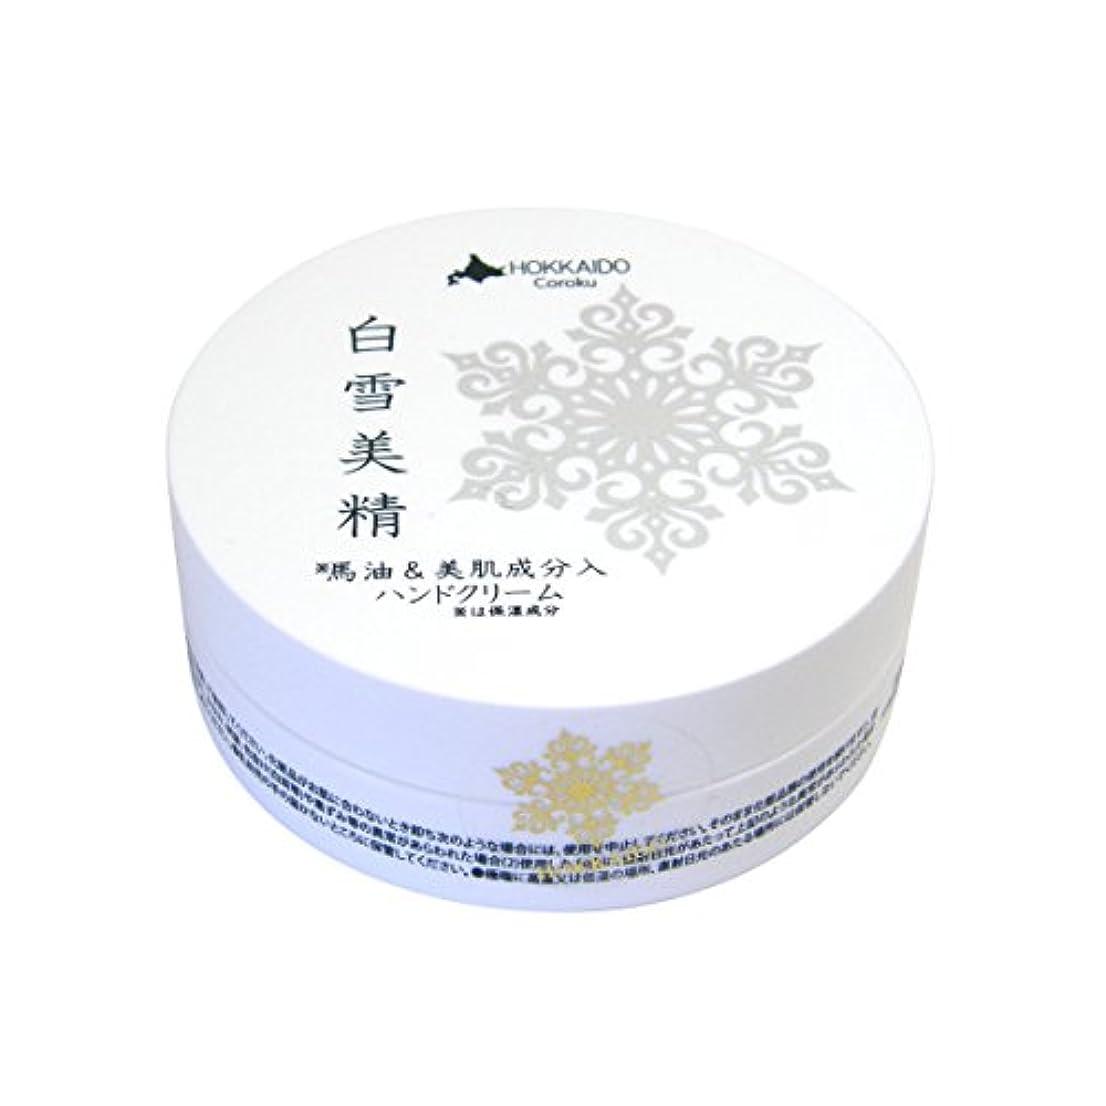 るメイン権利を与えるCoroku 白雪美精 ハンドクリーム 30g